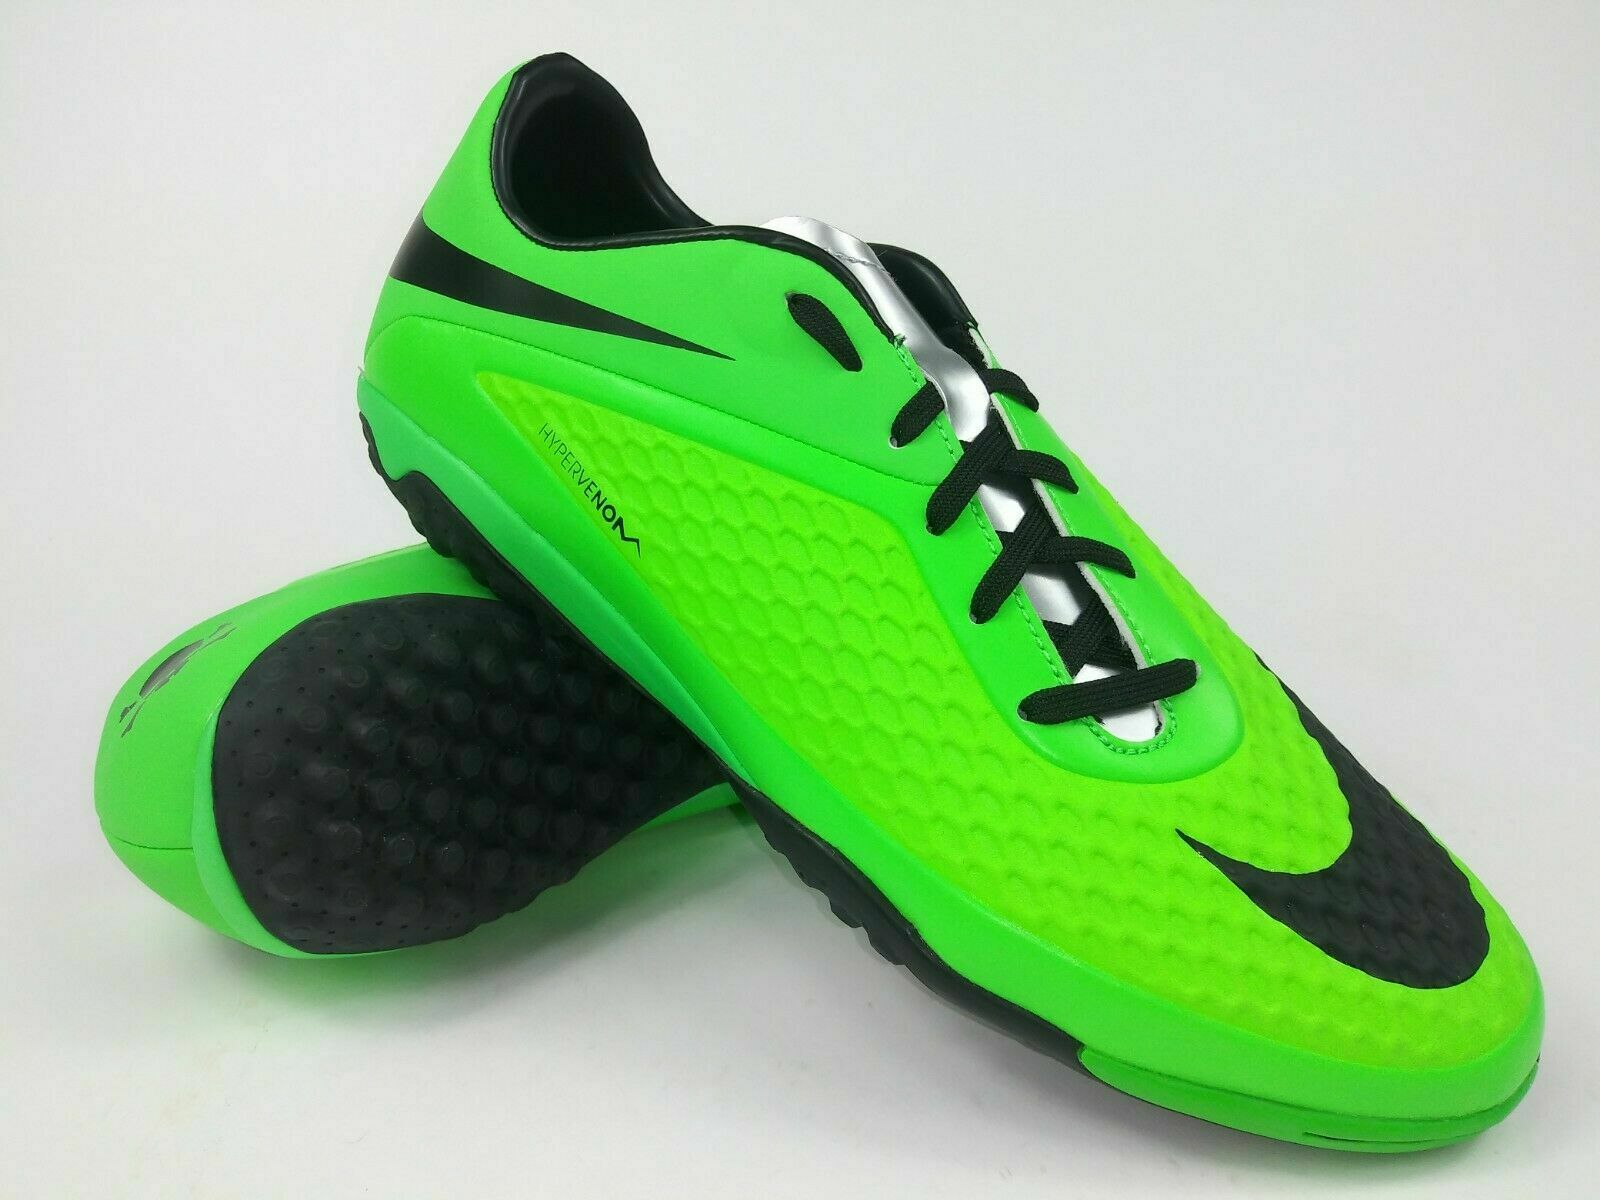 Nike Hypervenom Phelon TF Turf Soccer